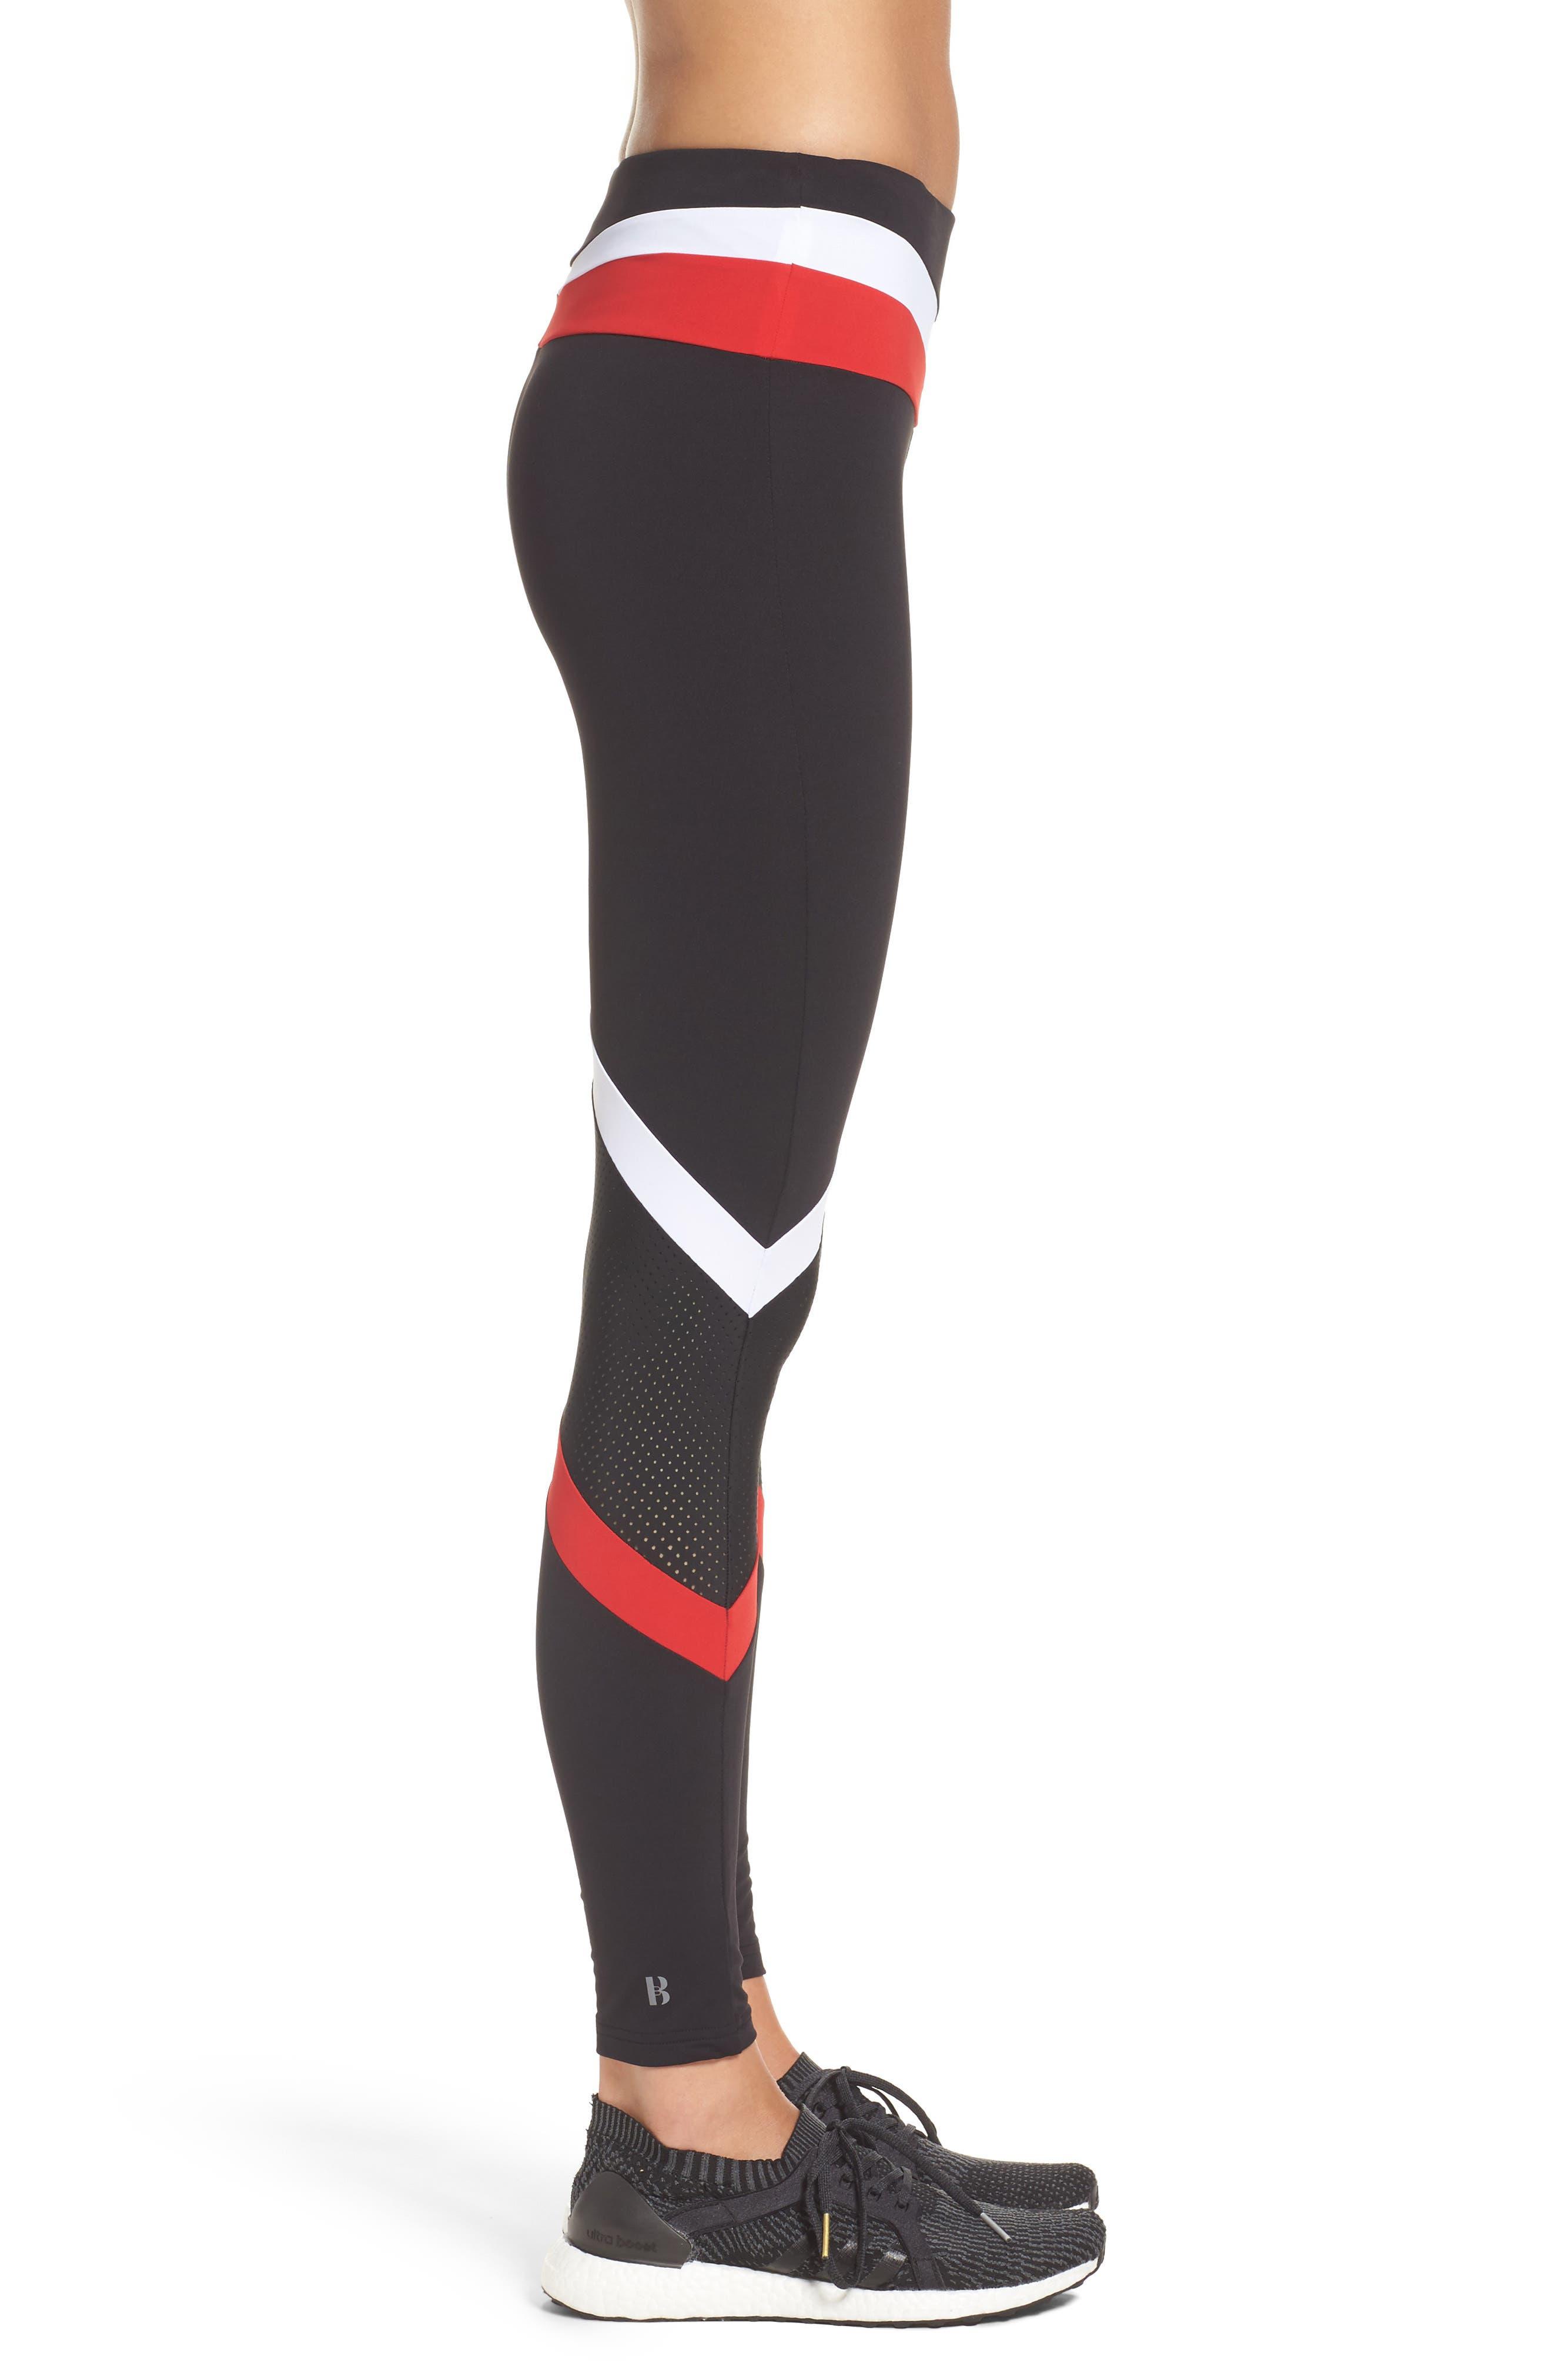 BoomBoom Athletica Leggings,                             Alternate thumbnail 3, color,                             Black/ White/ Red